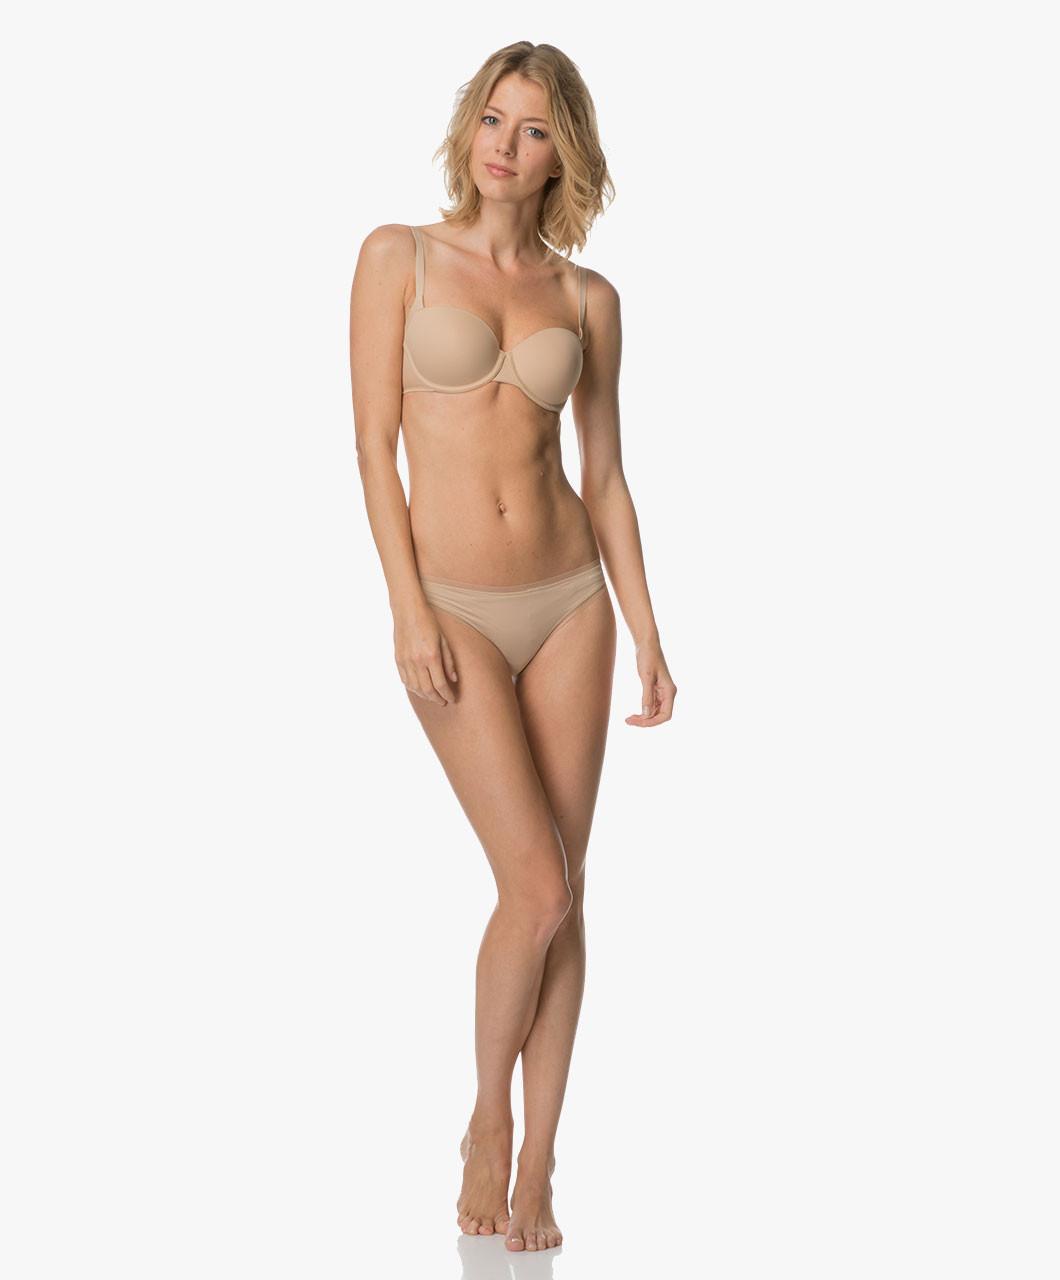 Podprsenka balkonová QF1833E tělová - Calvin Klein Barva: tělová, Velikost: 75D